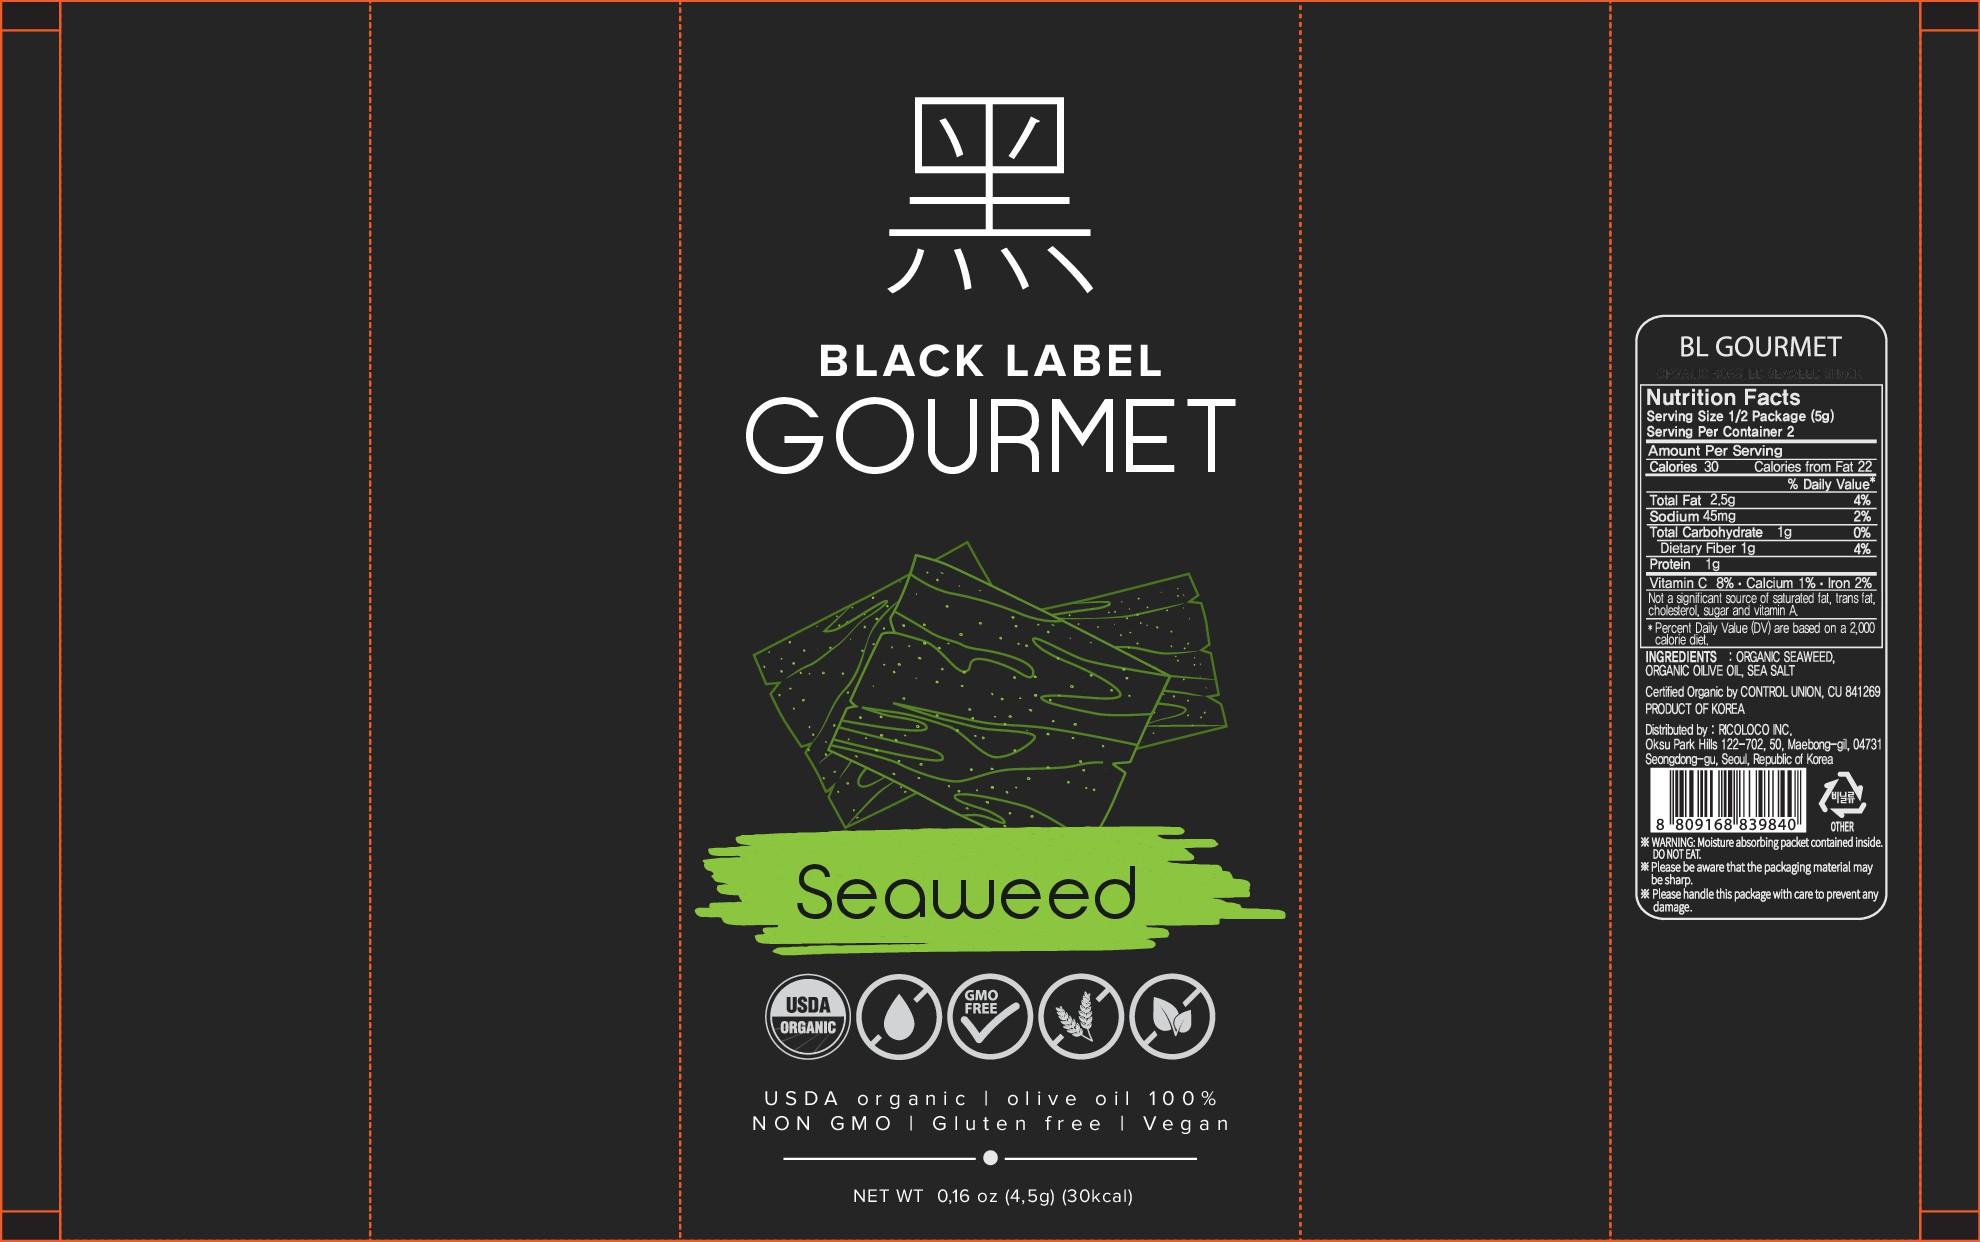 Create Impactful Seaweed Snack Package Designs for Black Label Gourmet!